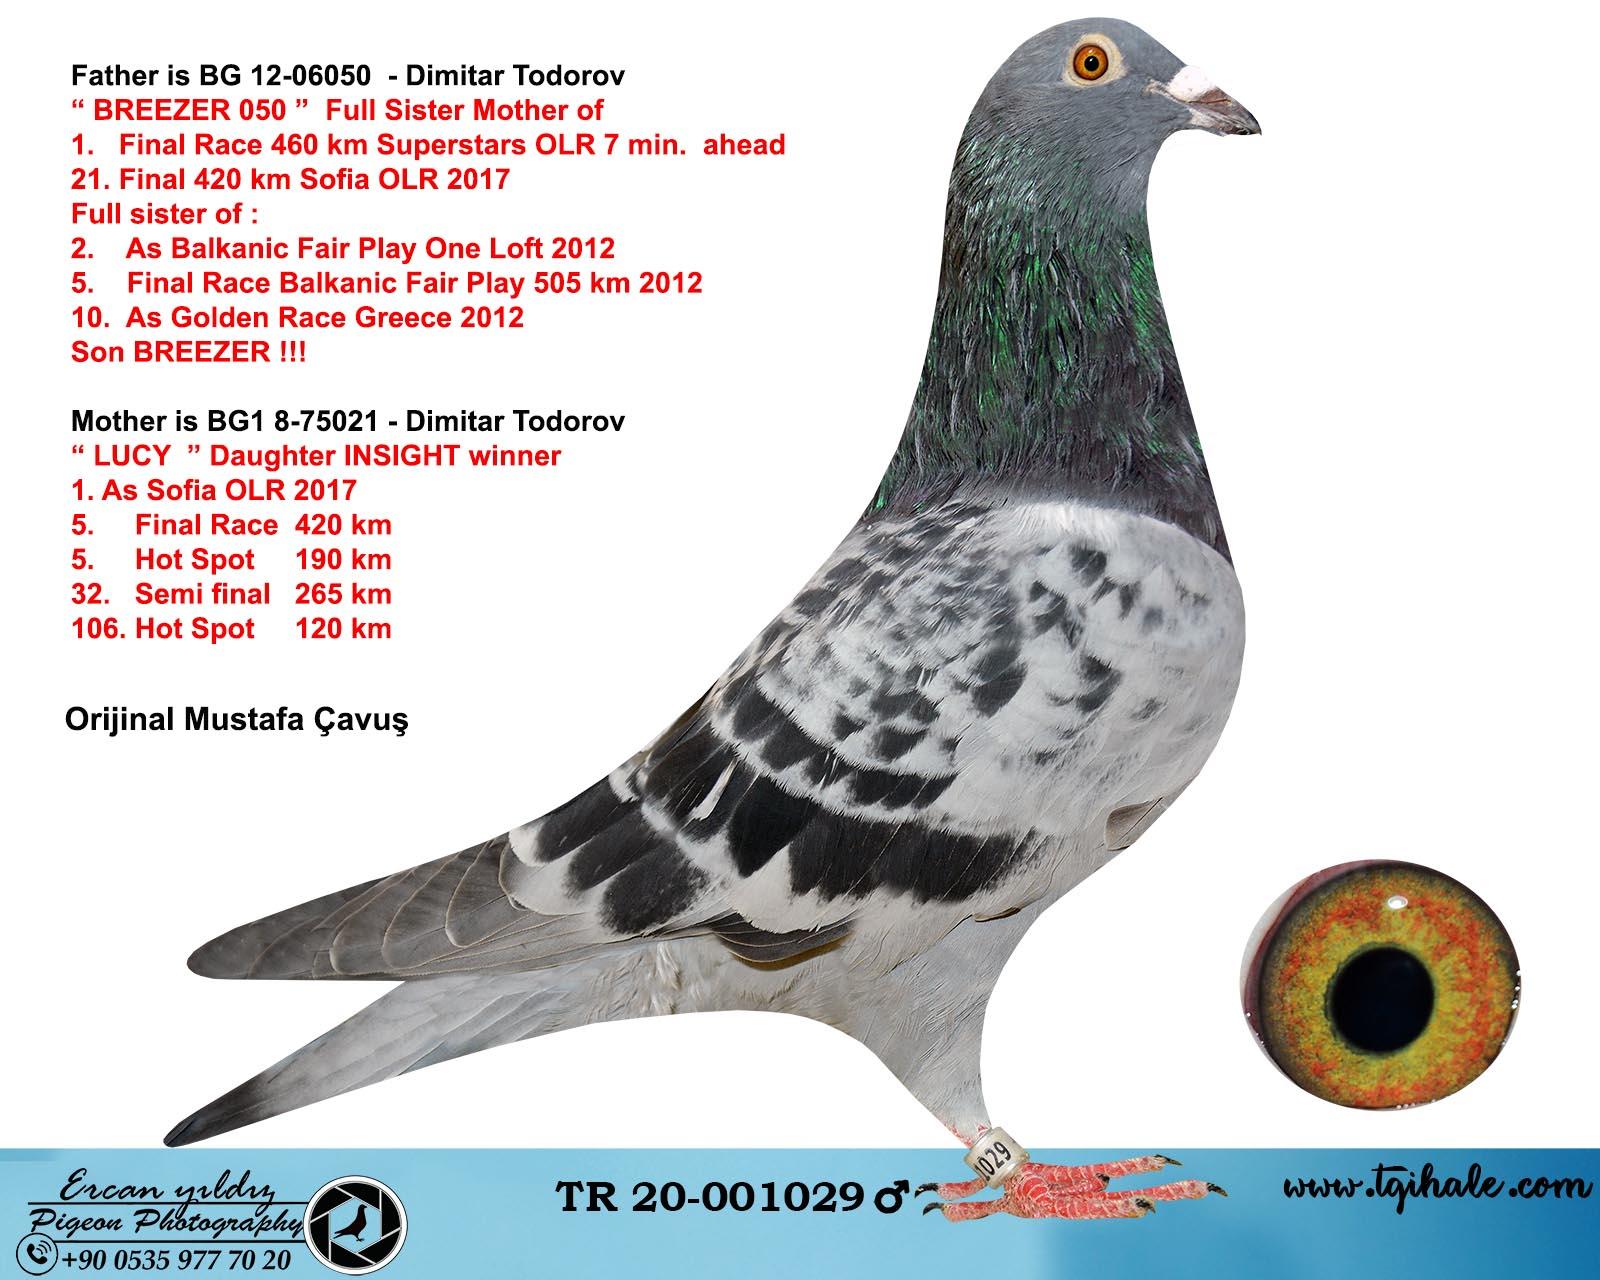 TR20-001029 ERKEK  / BABASI BREEZER OĞLU ANNESİ INSIGHT KIZI DIMITAR TODOROV % 100